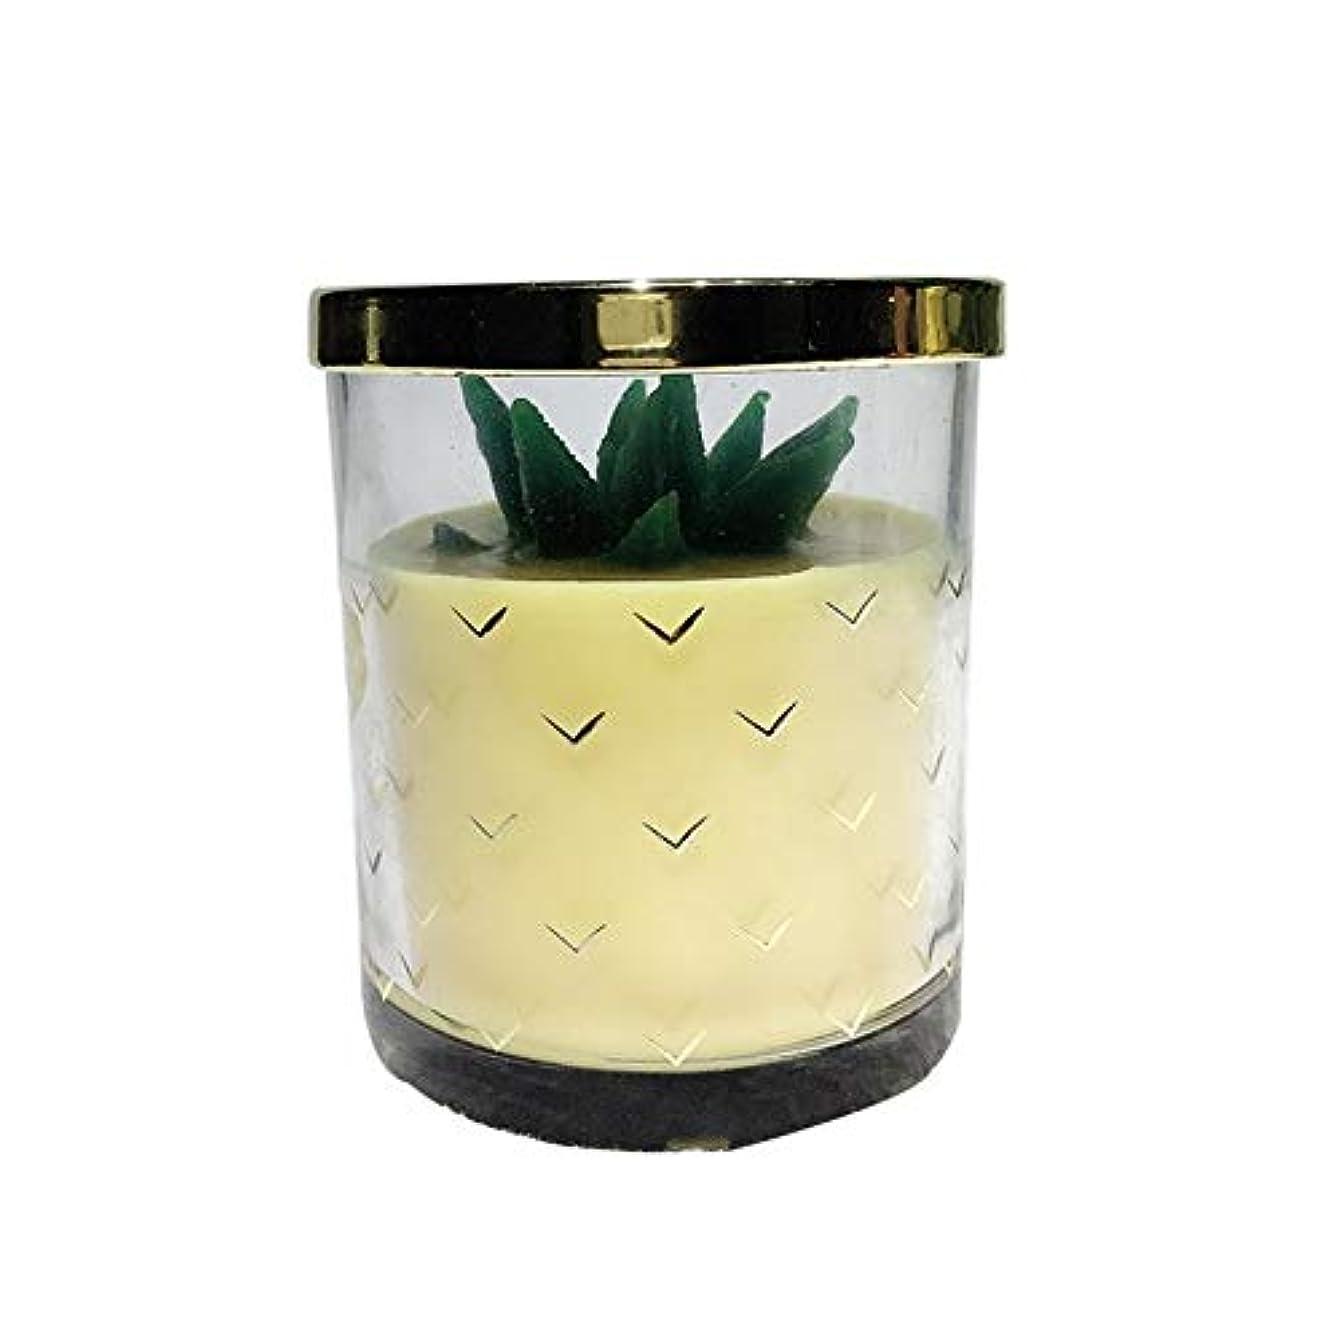 に対応薄暗い取り囲むGuomao 大豆ワックスフルーツキャンドルバレンタインデークリエイティブギフト (色 : Pineapple)